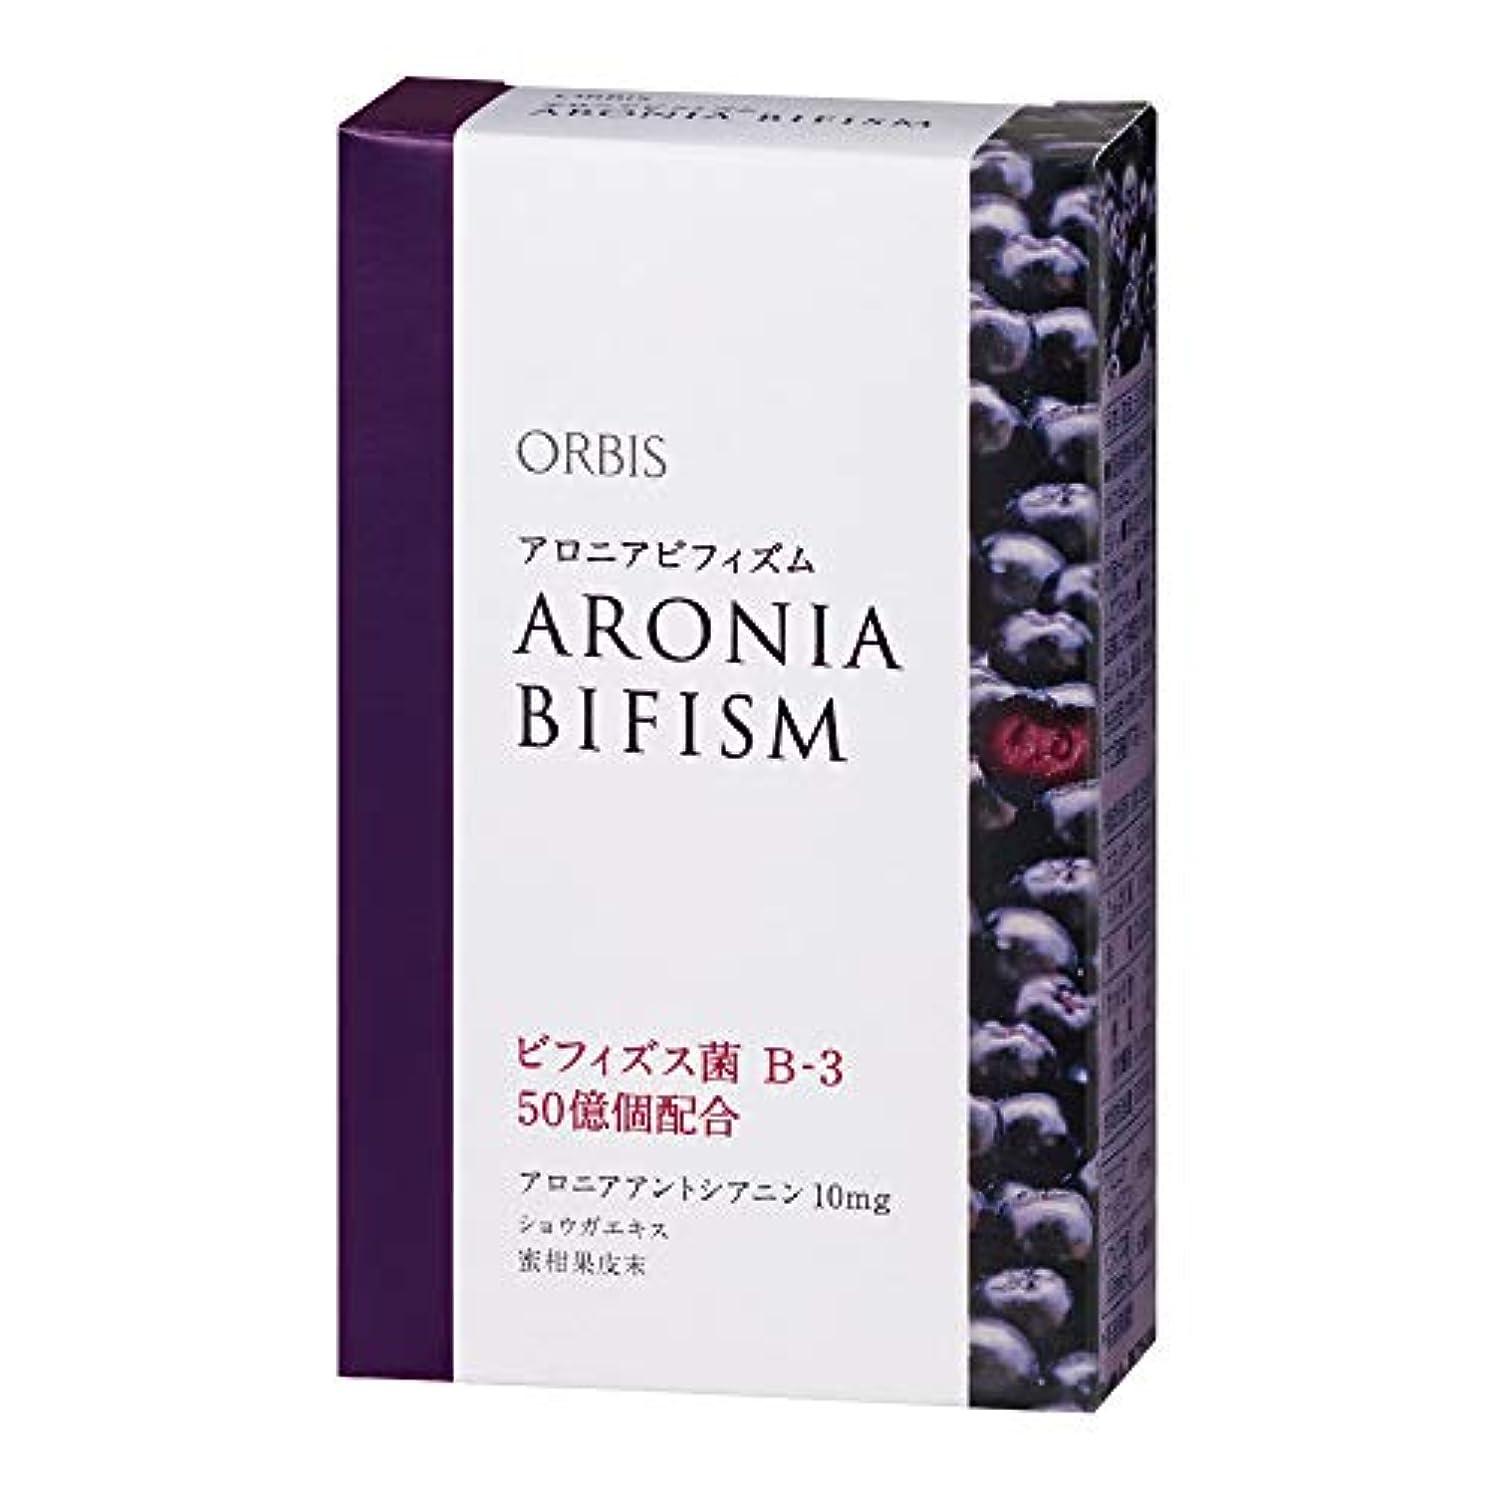 フルーツアコー斧オルビス(ORBIS) アロニアビフィズム(ミックスベリー風味) 15日分(1.5g×15袋) ◎美容サプリメント◎